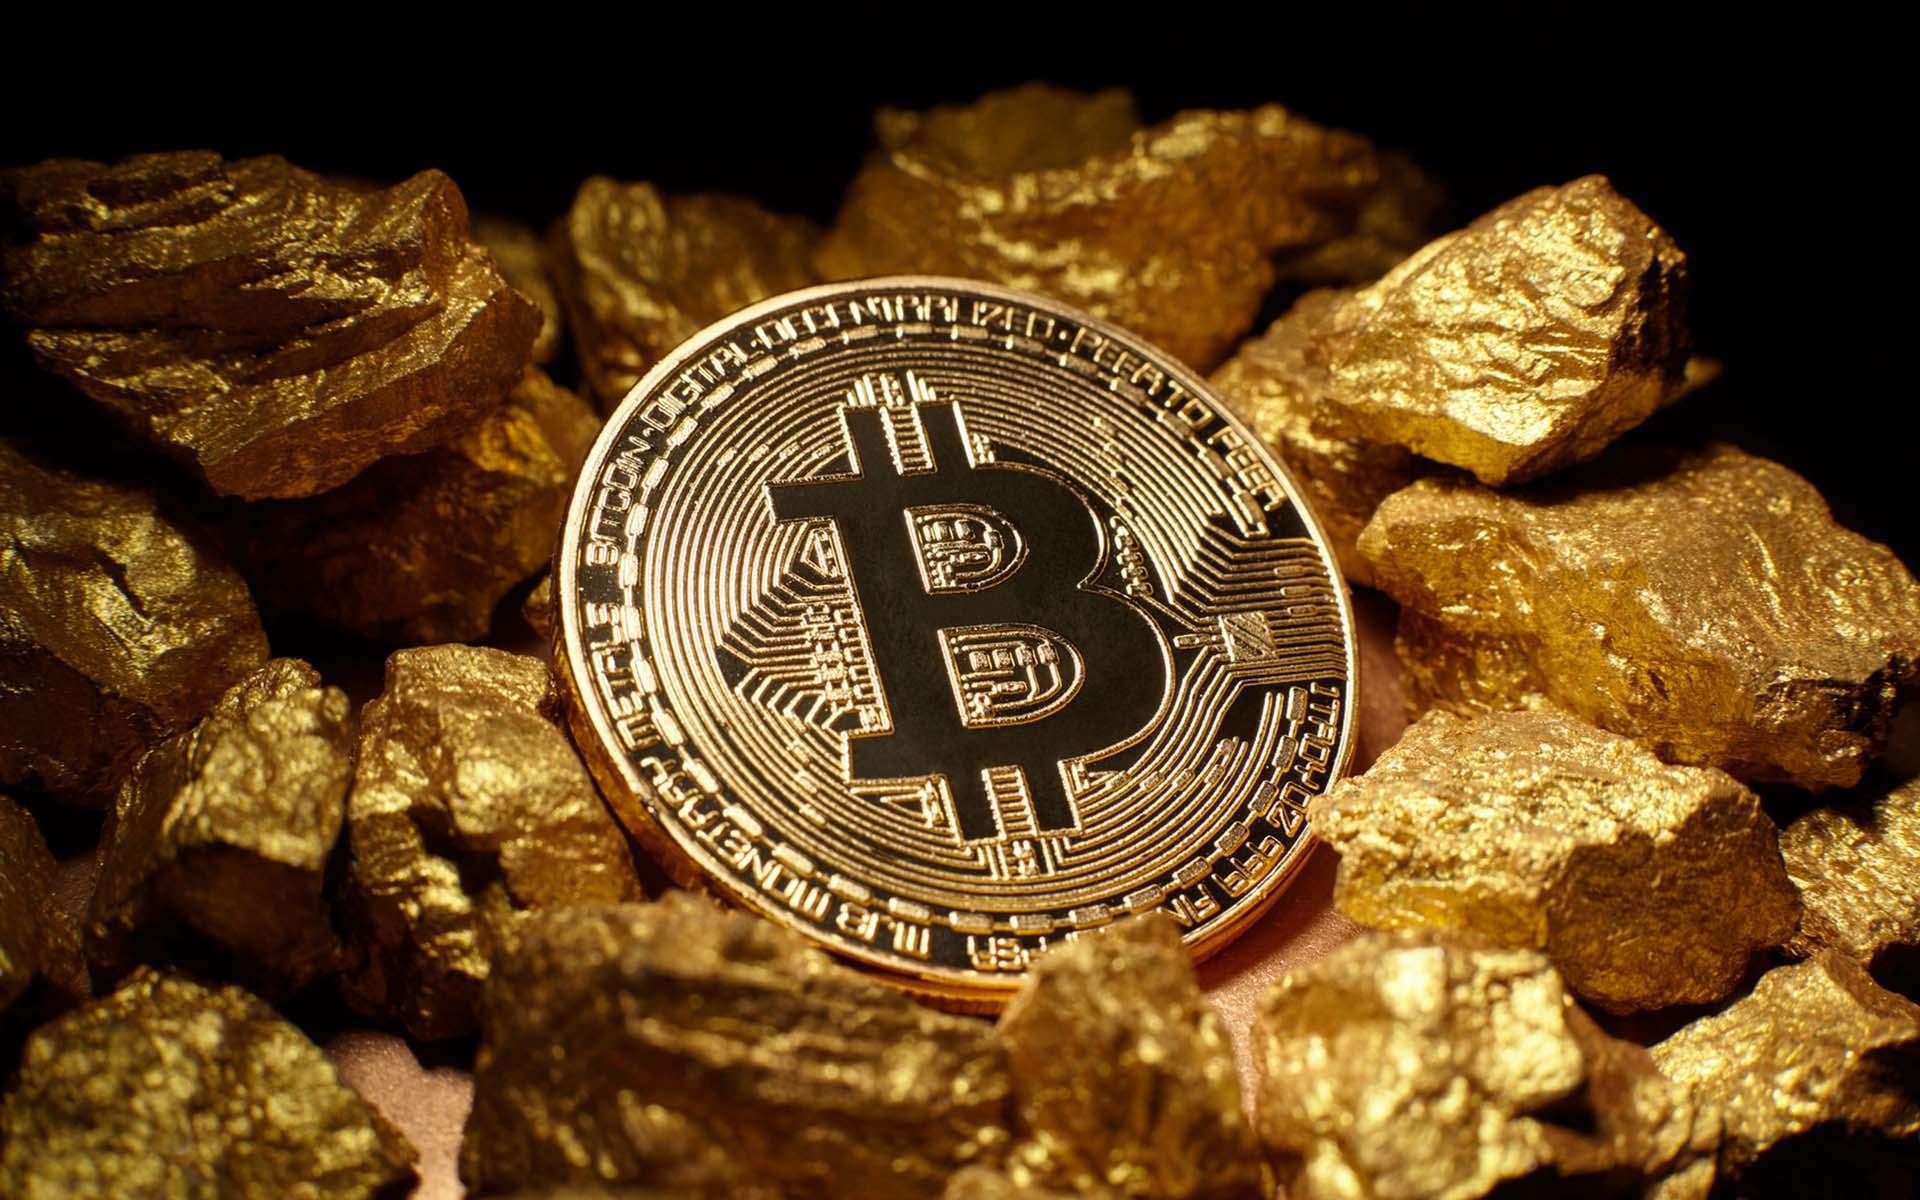 Bitcoin jest obecnie dro¿szy do pozyskania ni¿ do sprzedania